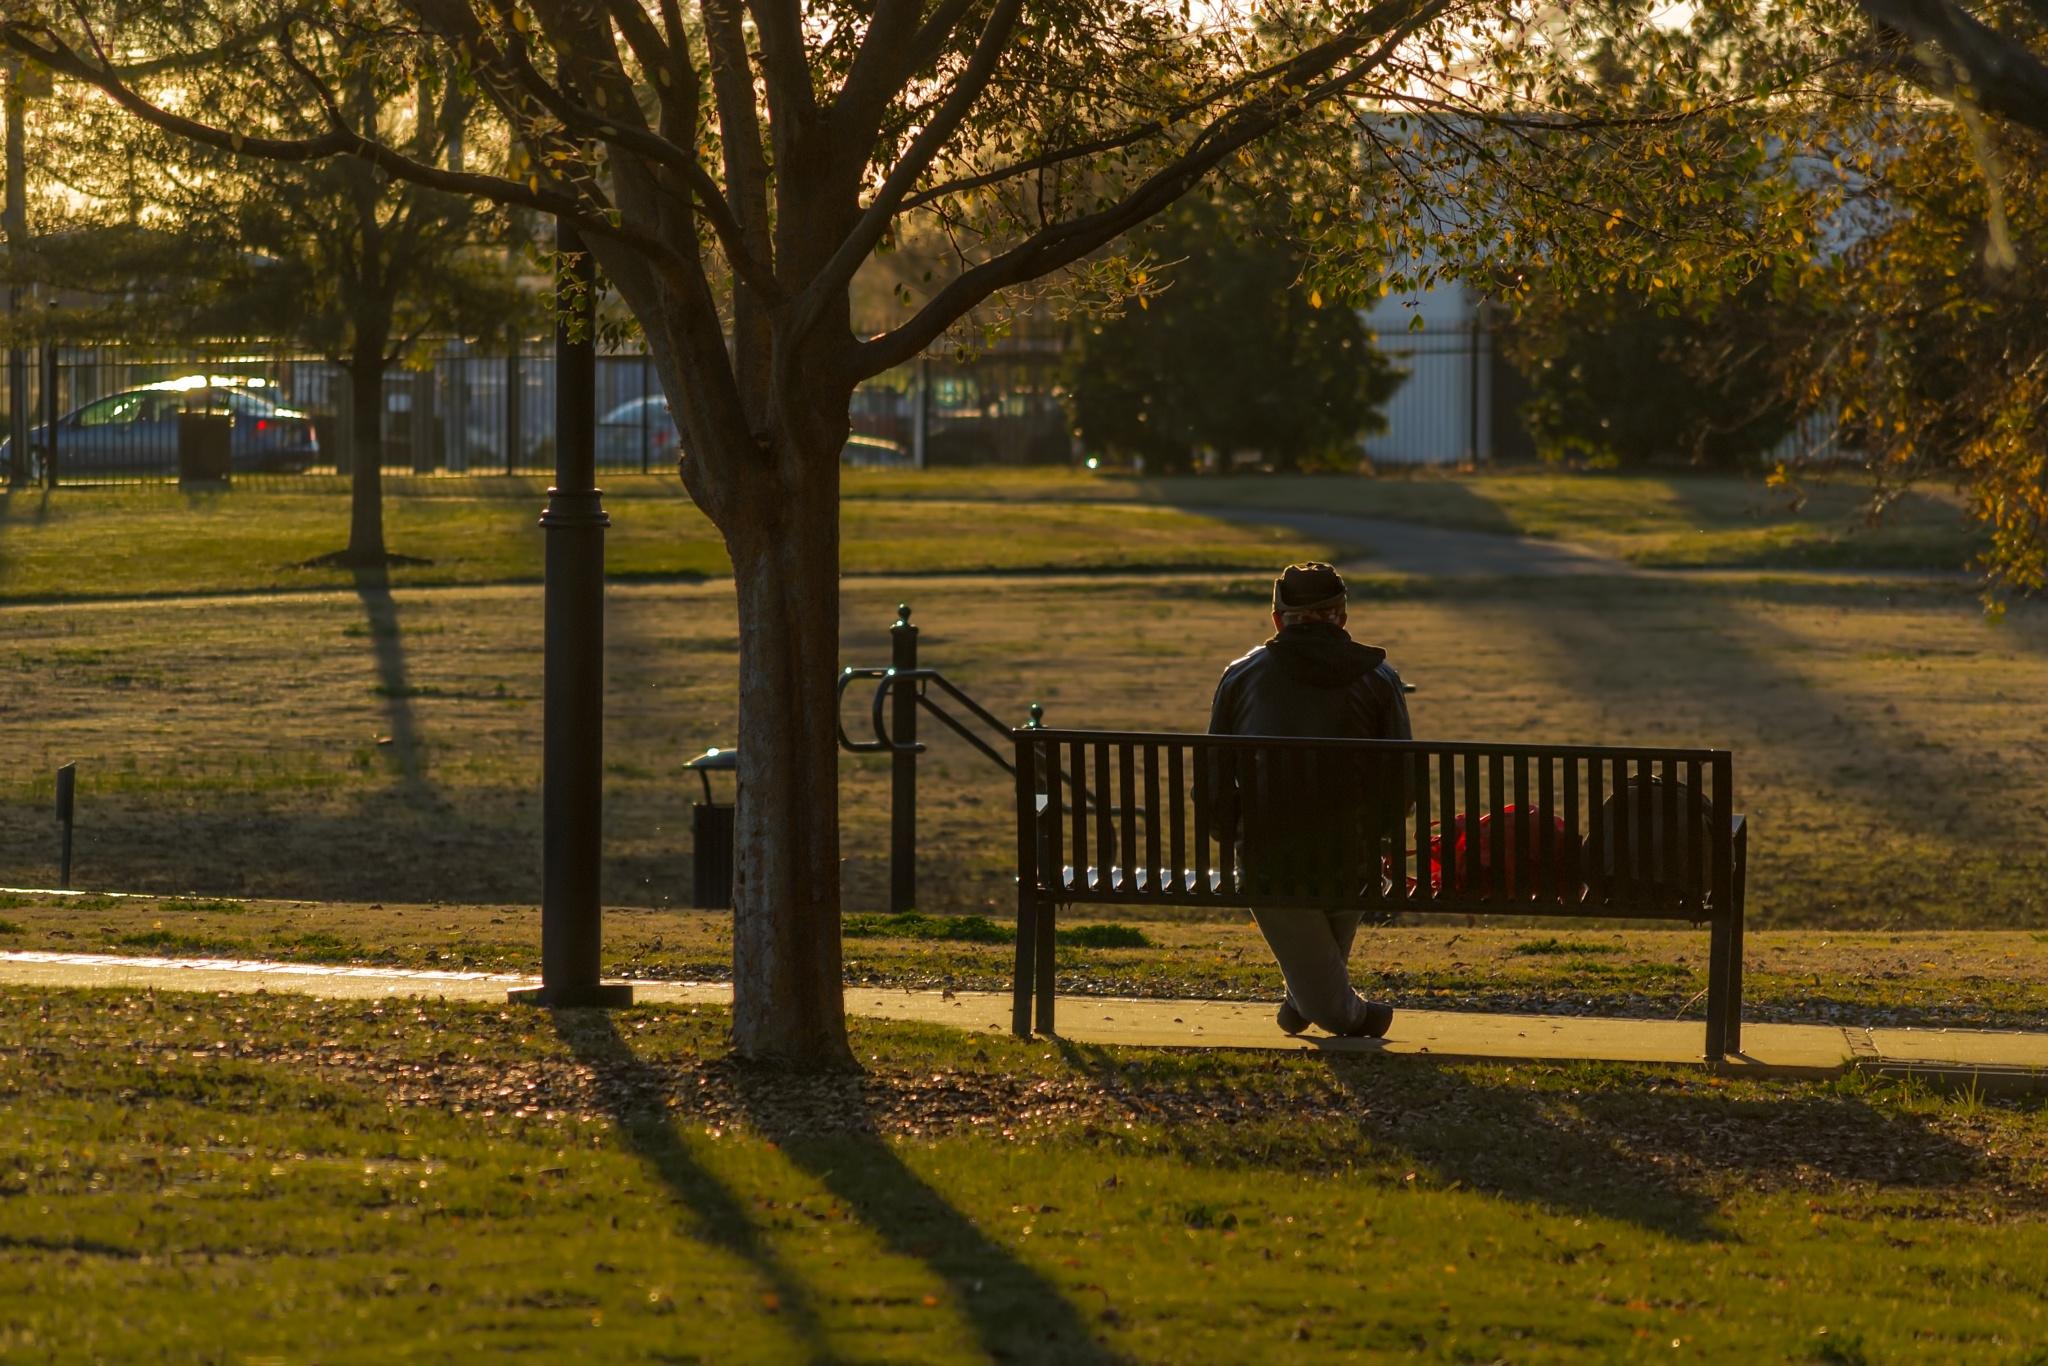 At the Park by dennisJ